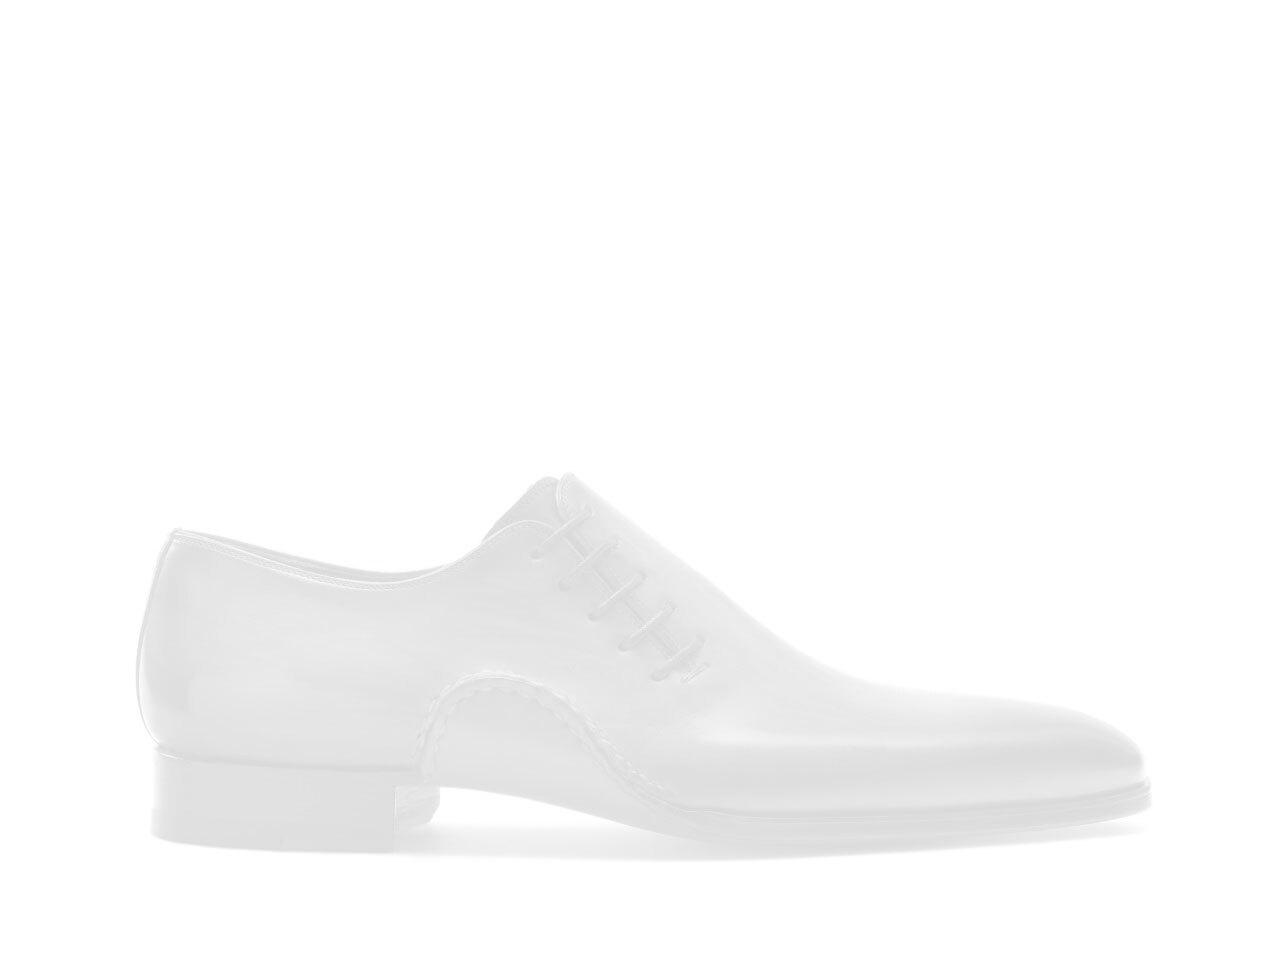 Sole of the Magnanni Allariz White Men's Sneakers